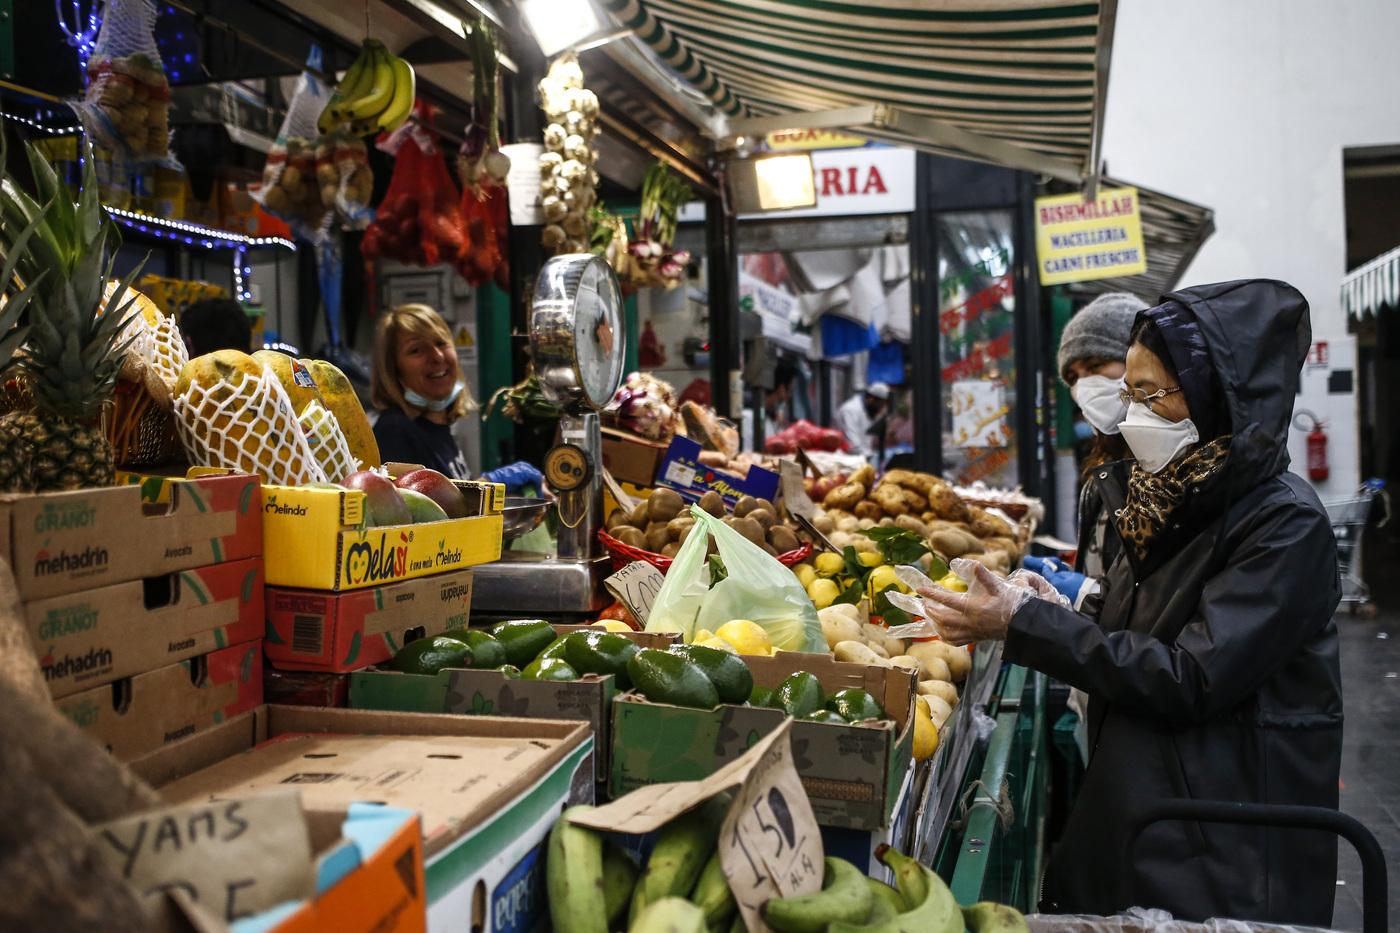 La spesa ai tempi della pandemia: il ritorno dei negozi di quartiere